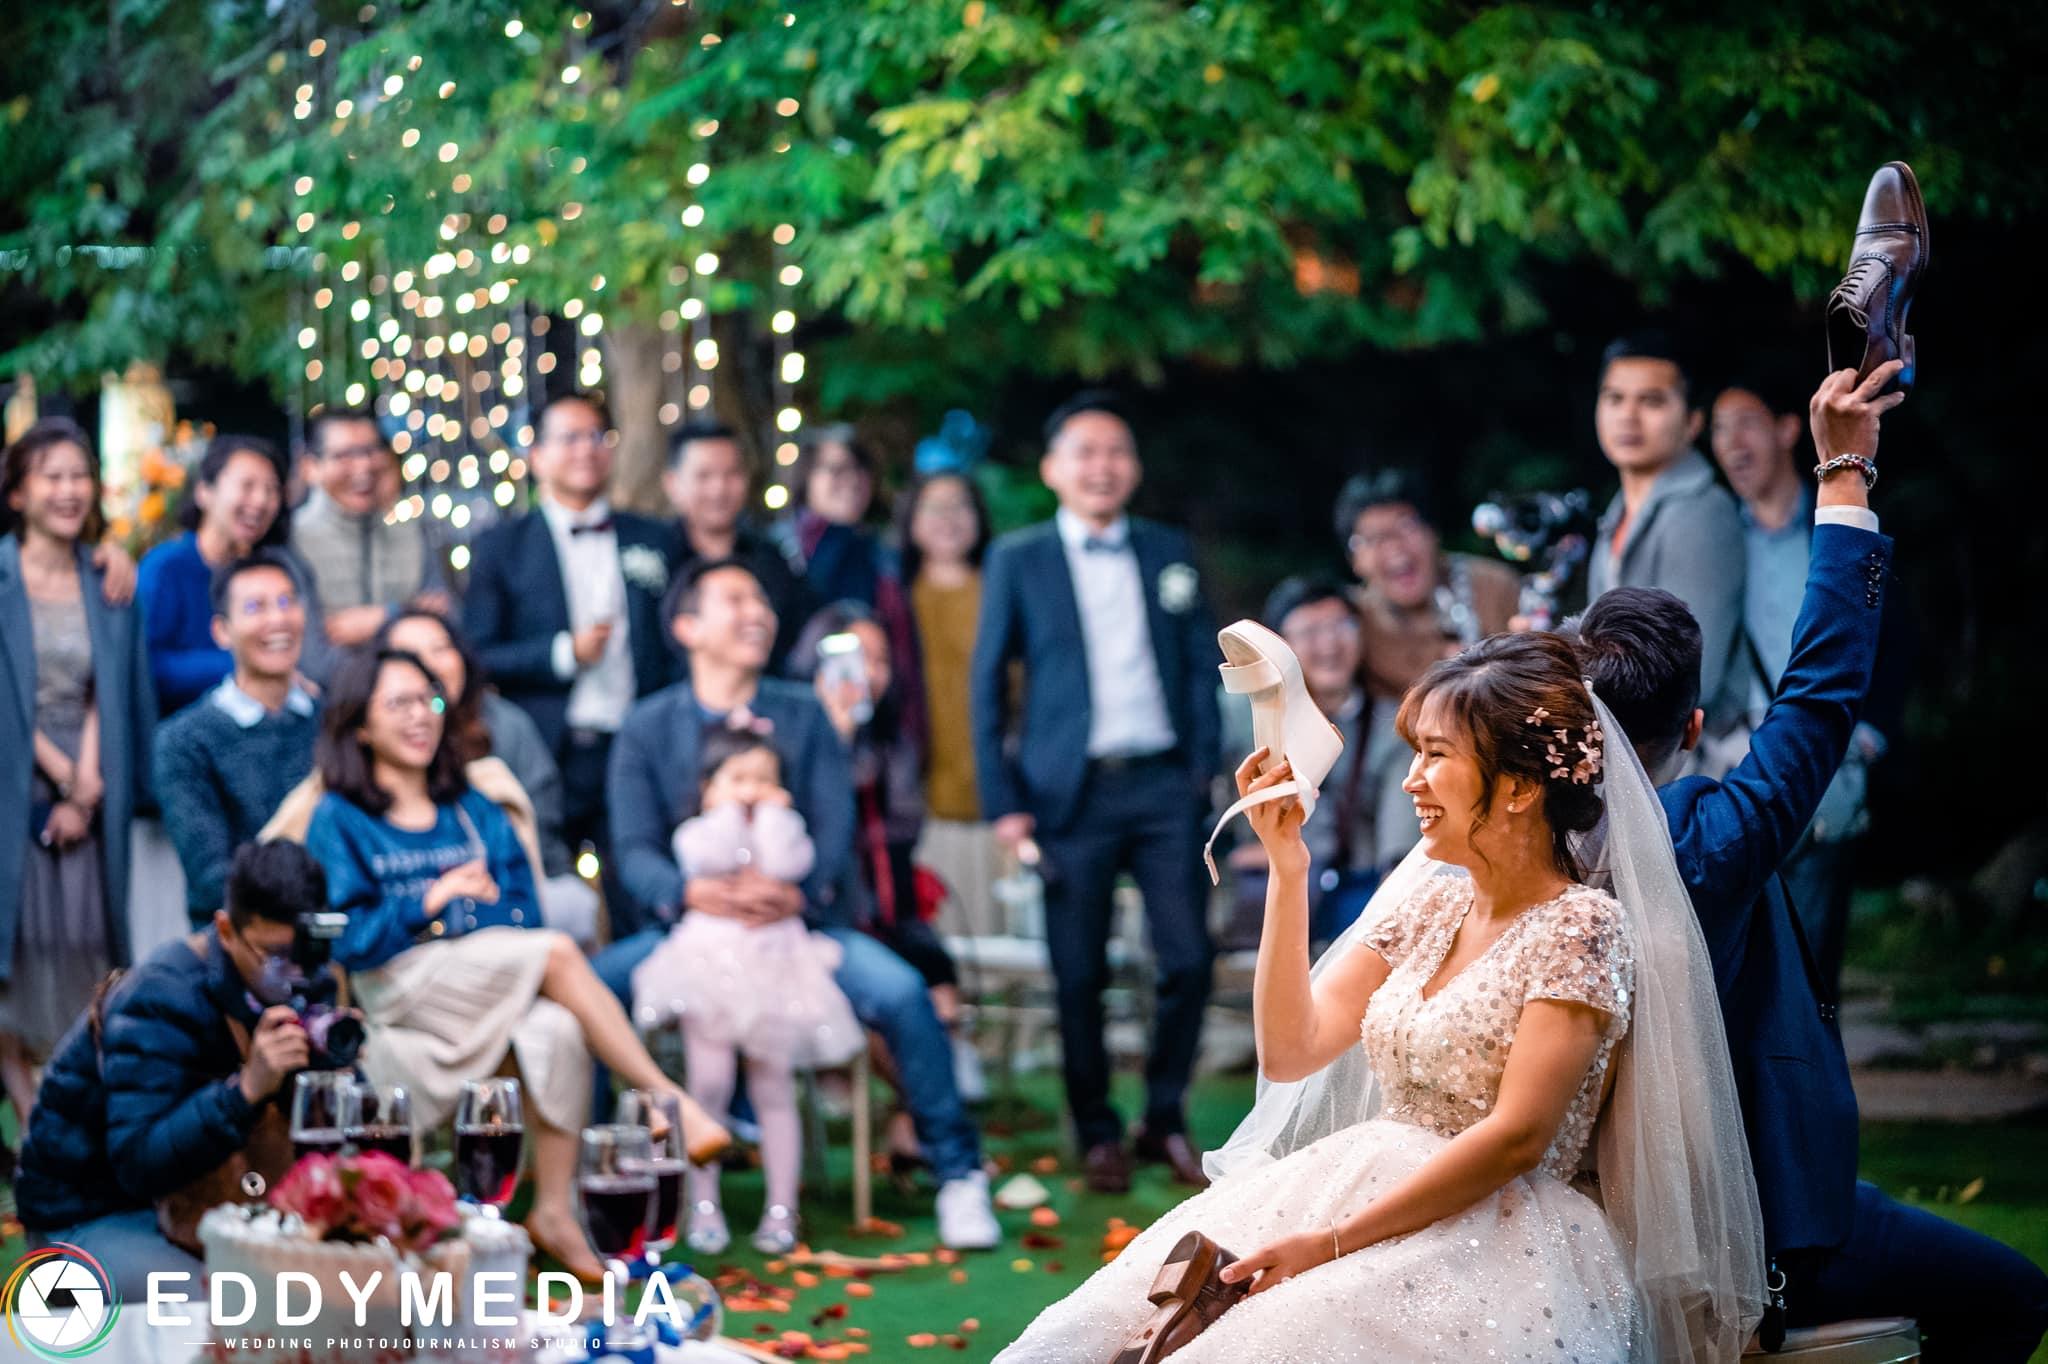 Phongsucuoi TrungHieu ThuPhuong EddyMedia 184 tiệc cưới ngoài trời